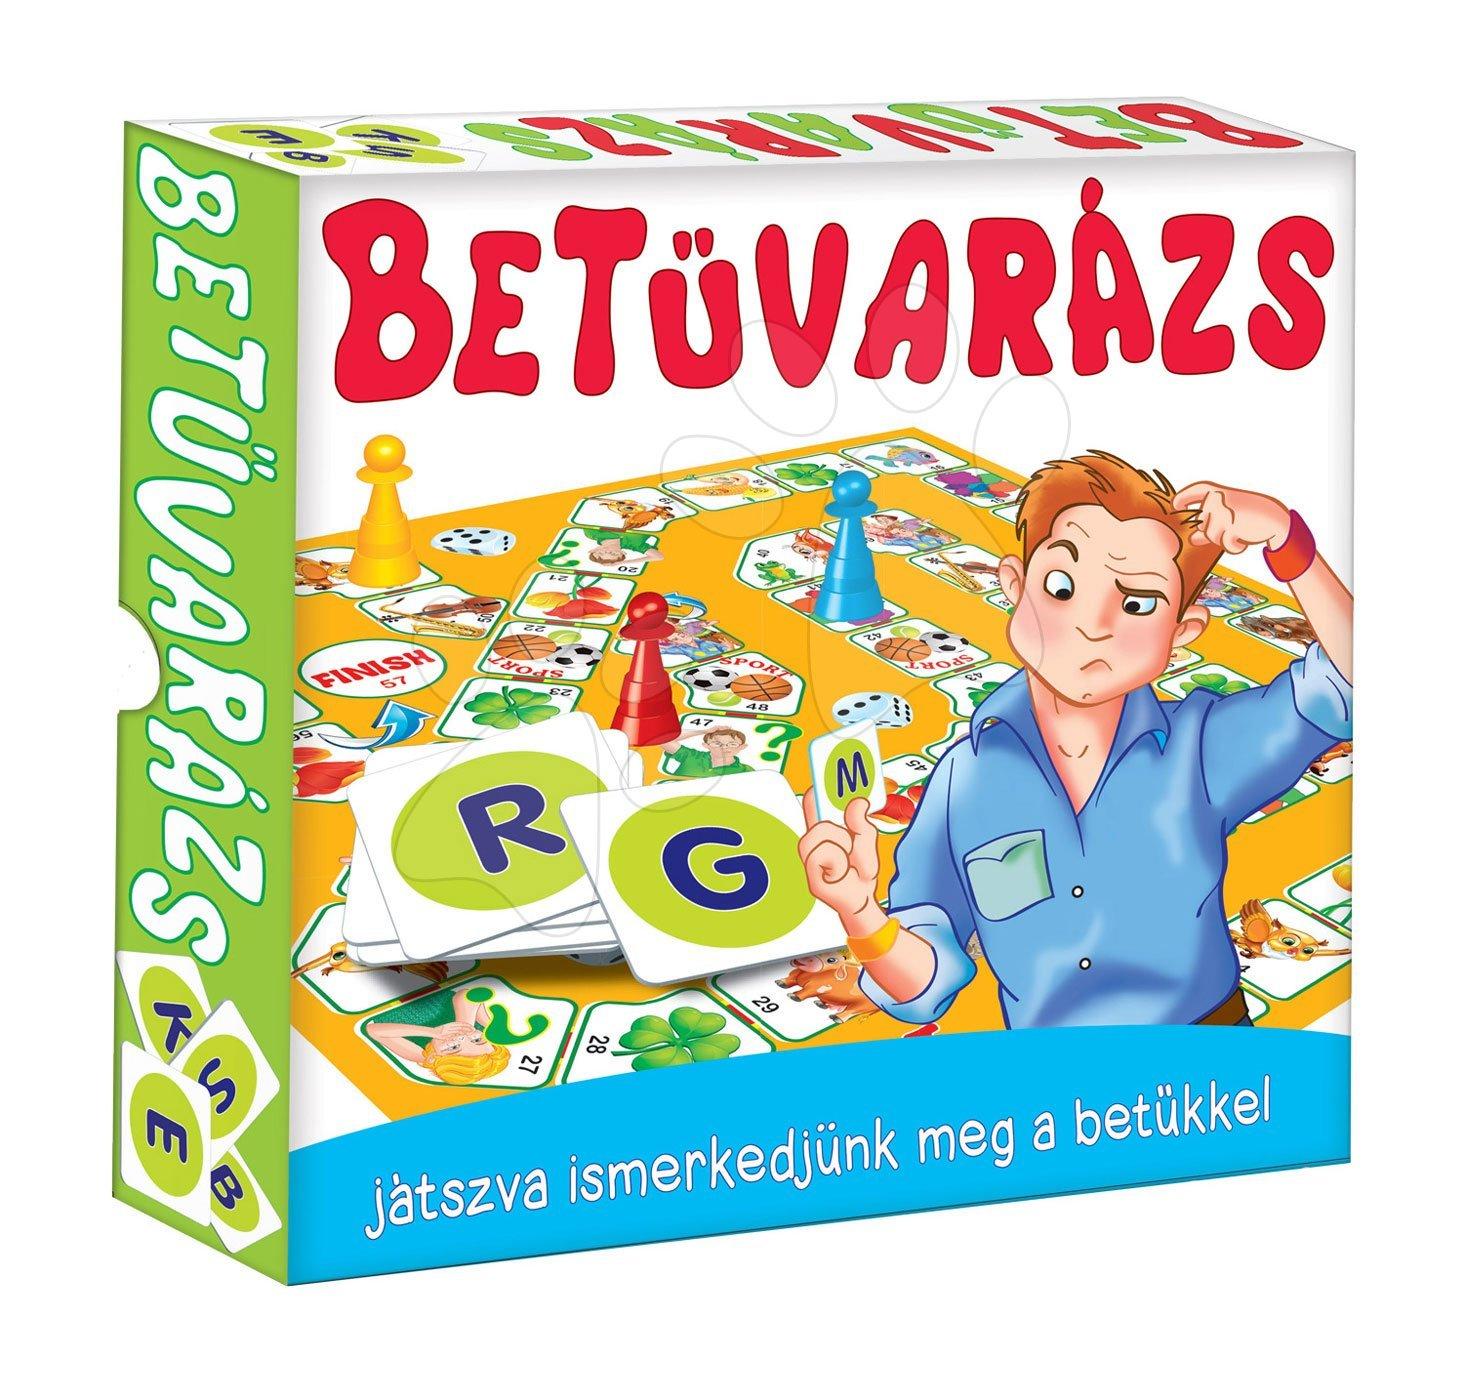 Spoločenské hry pre deti - Spoločenská hra ABC - spoznávanie abecedy Dohány od 6 rokov